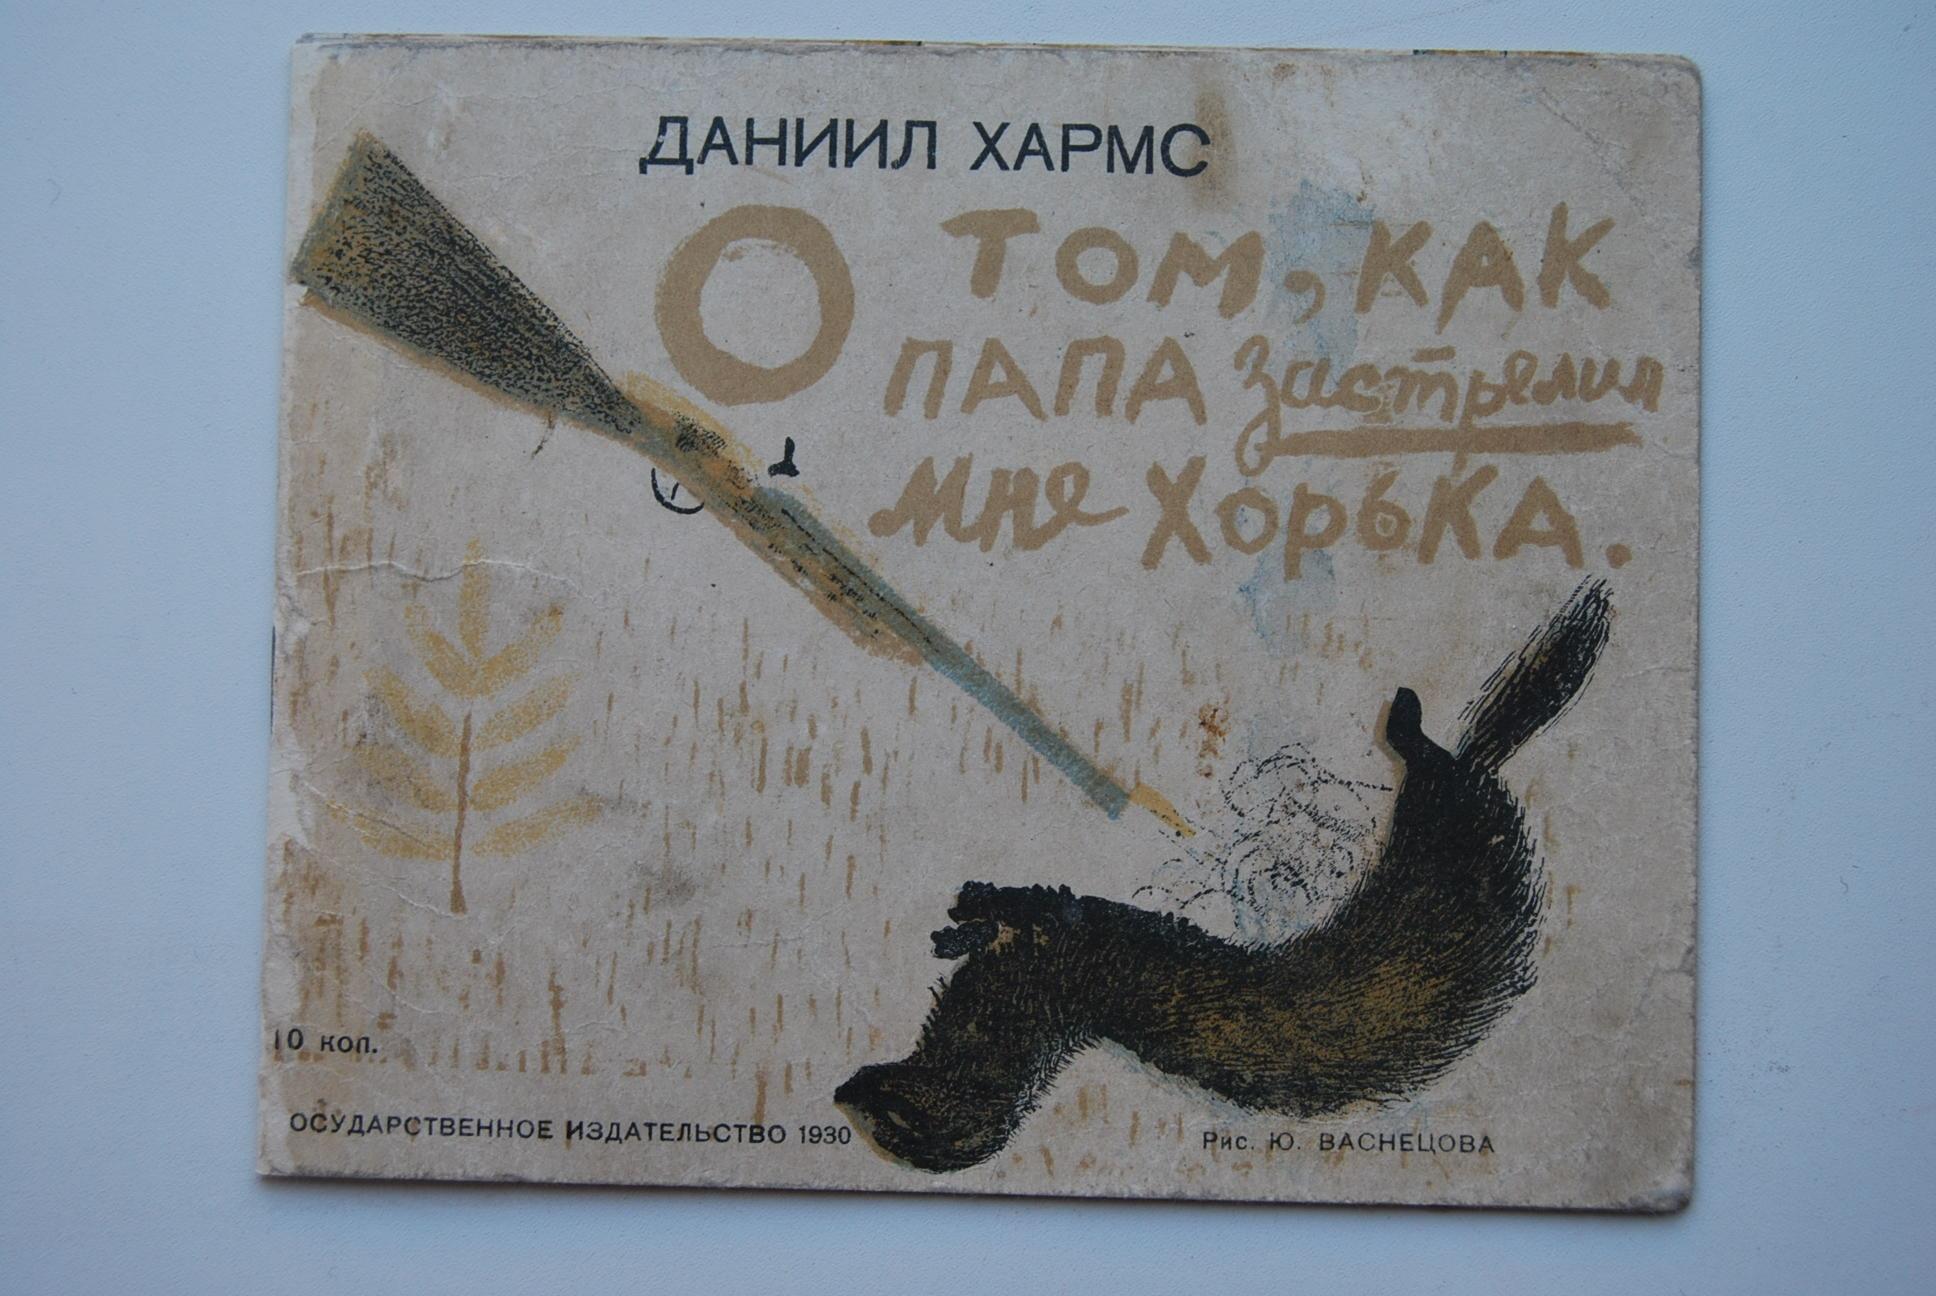 Обложка Васнецова к книге Хармса. 1930